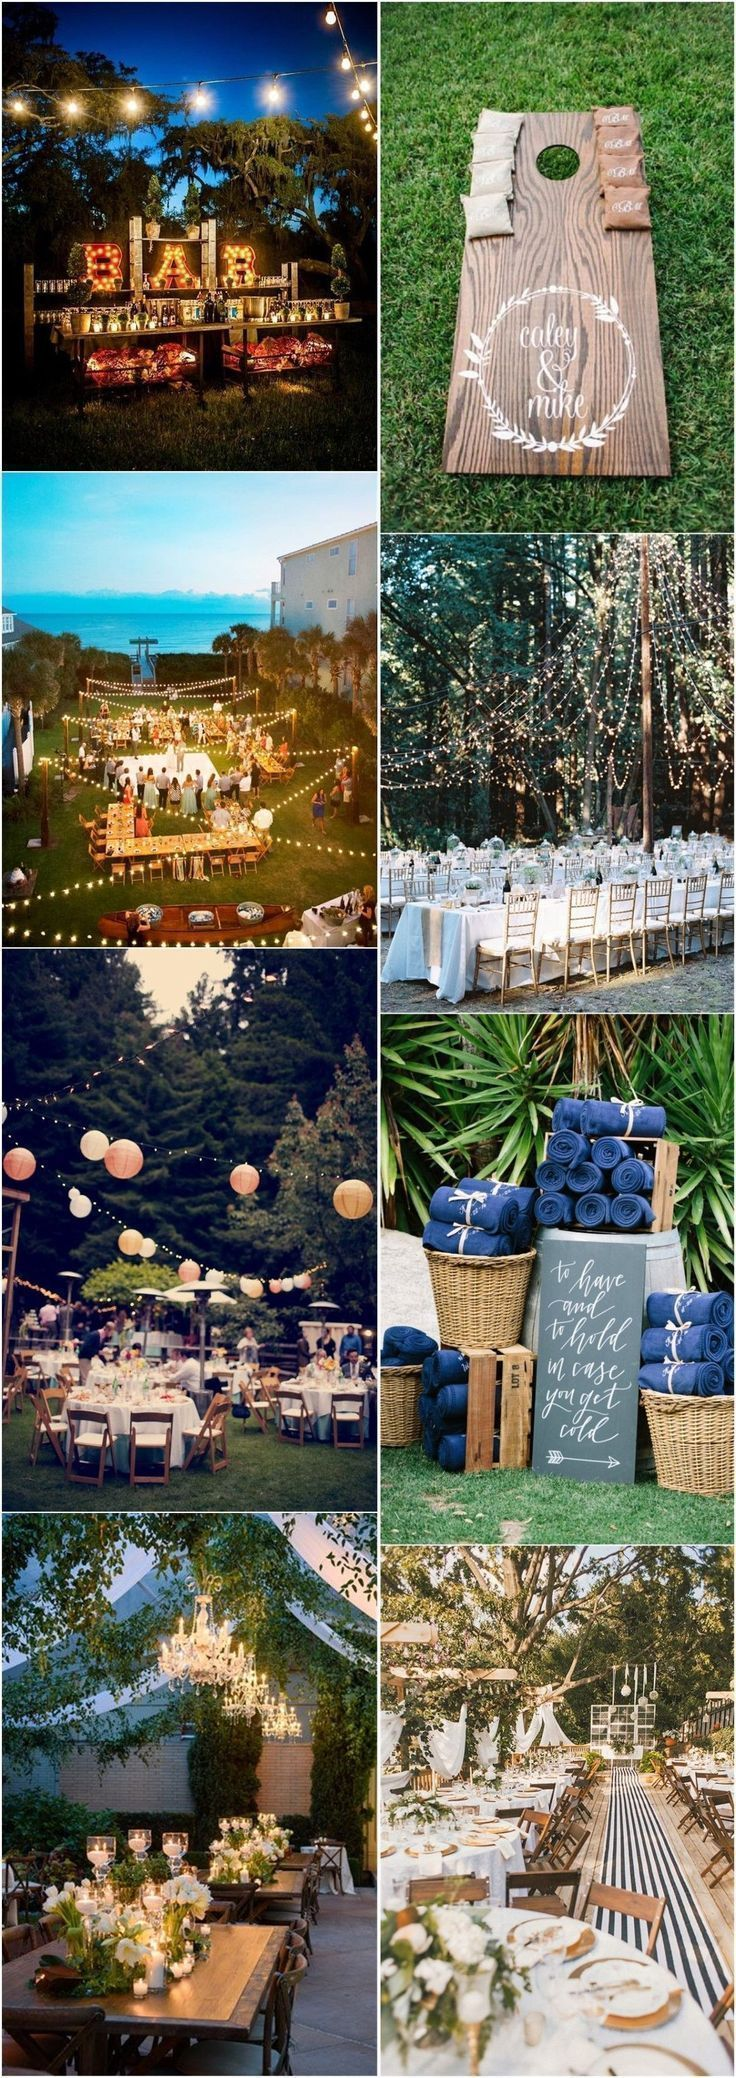 Fall wedding decoration ideas cheap  Wedding Decorations   Rustic Backyard Wedding Decoration Ideas on